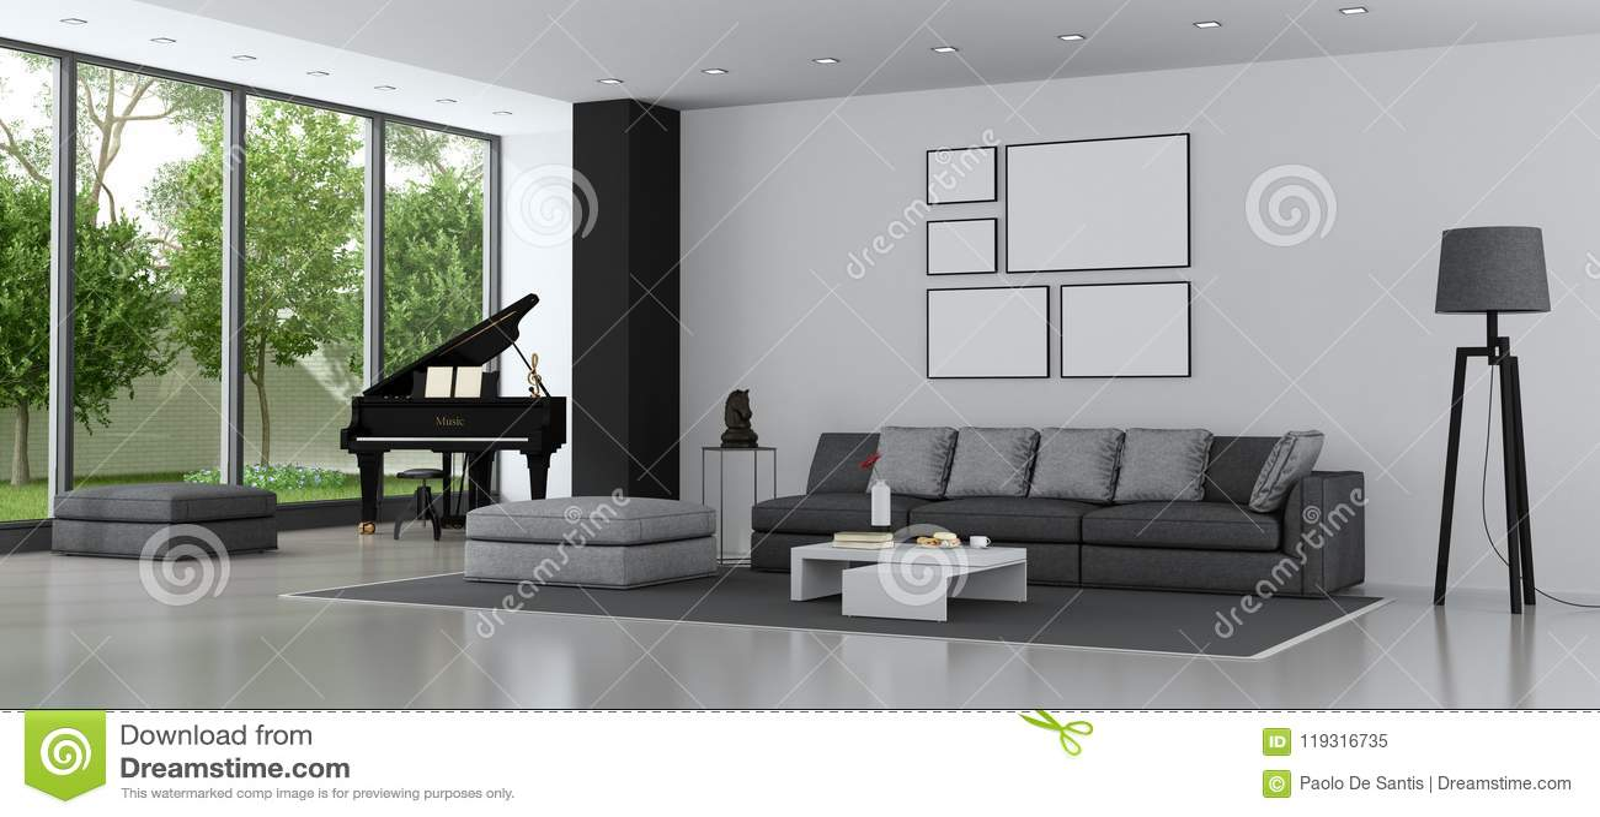 Modernes Wohnzimmer Mit Sofa Und Flügel